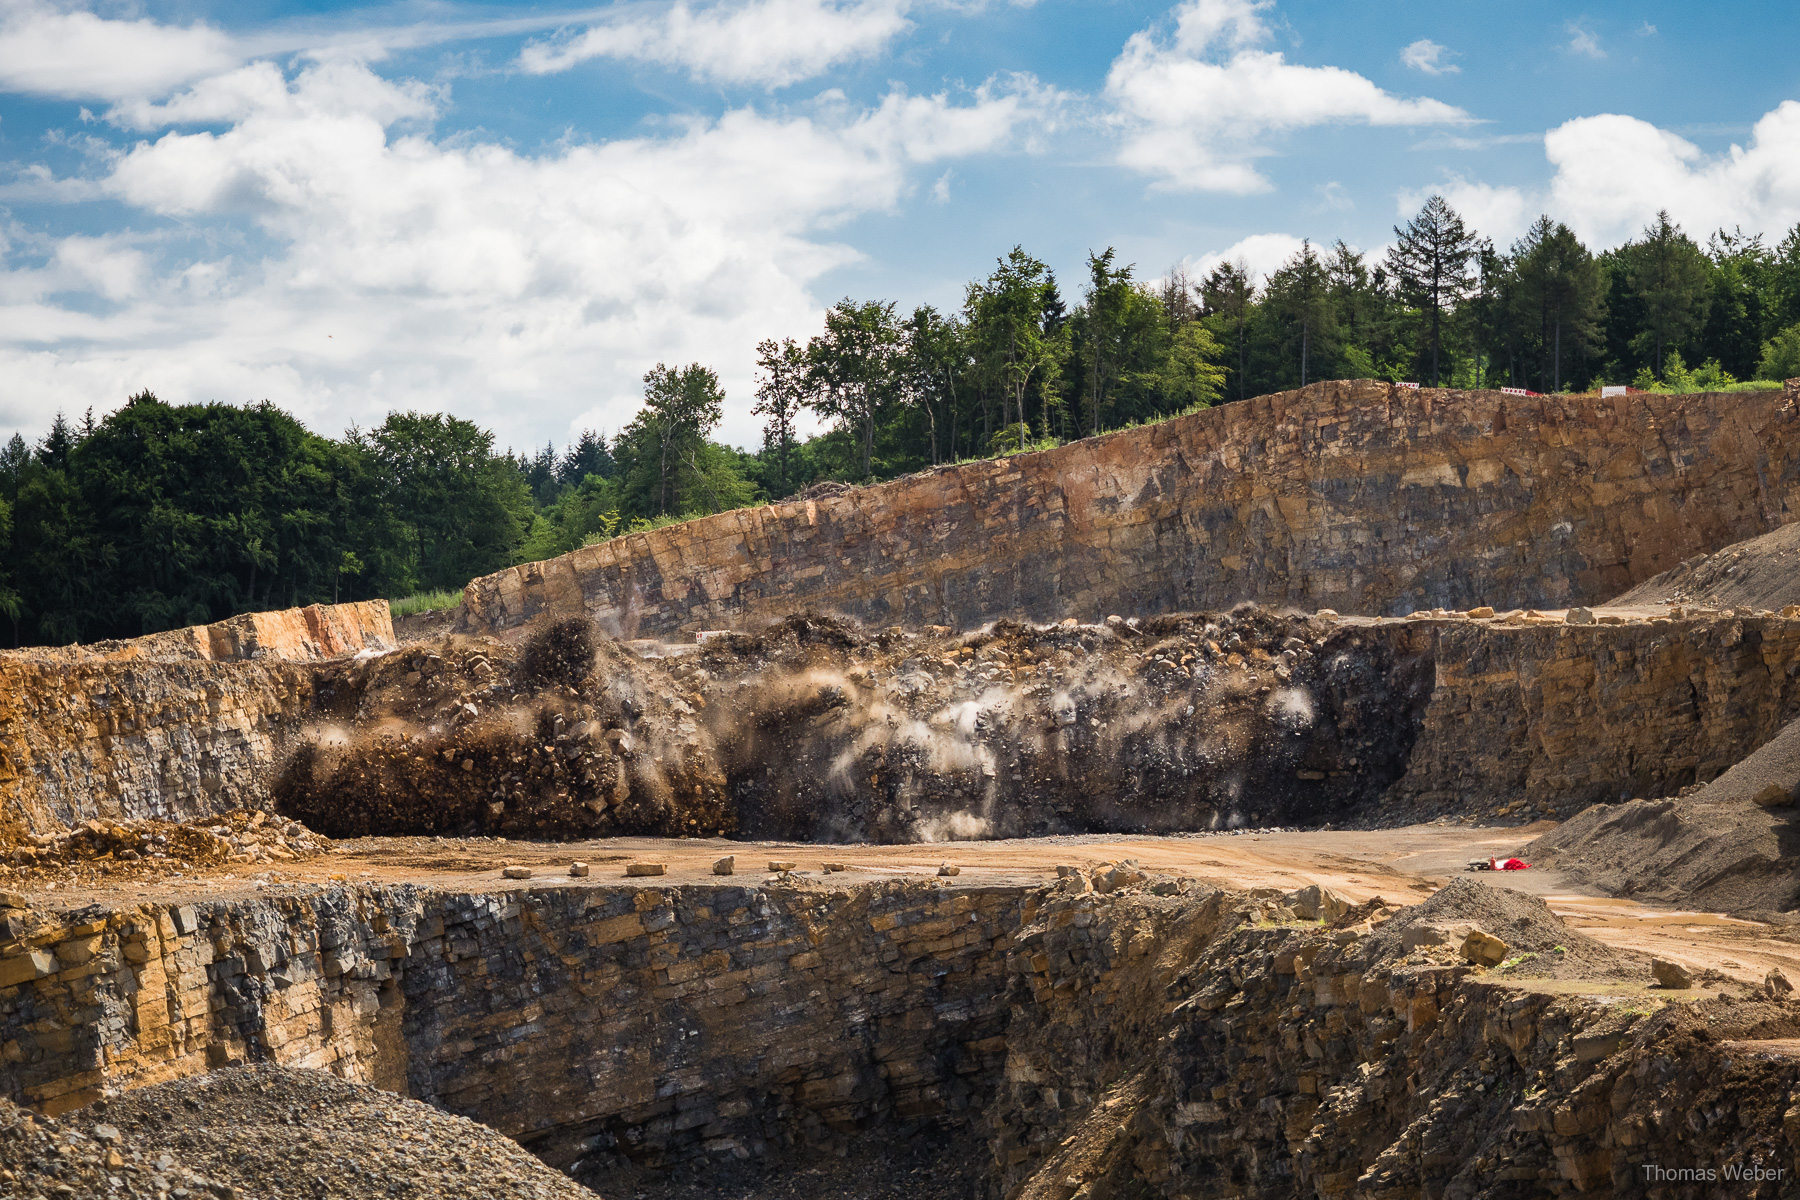 Fotografische Begleitung verschiedener Sprengungen in Steinbrüchen für die Firma Austin Powder, Fotograf Thomas Weber aus Oldenburg